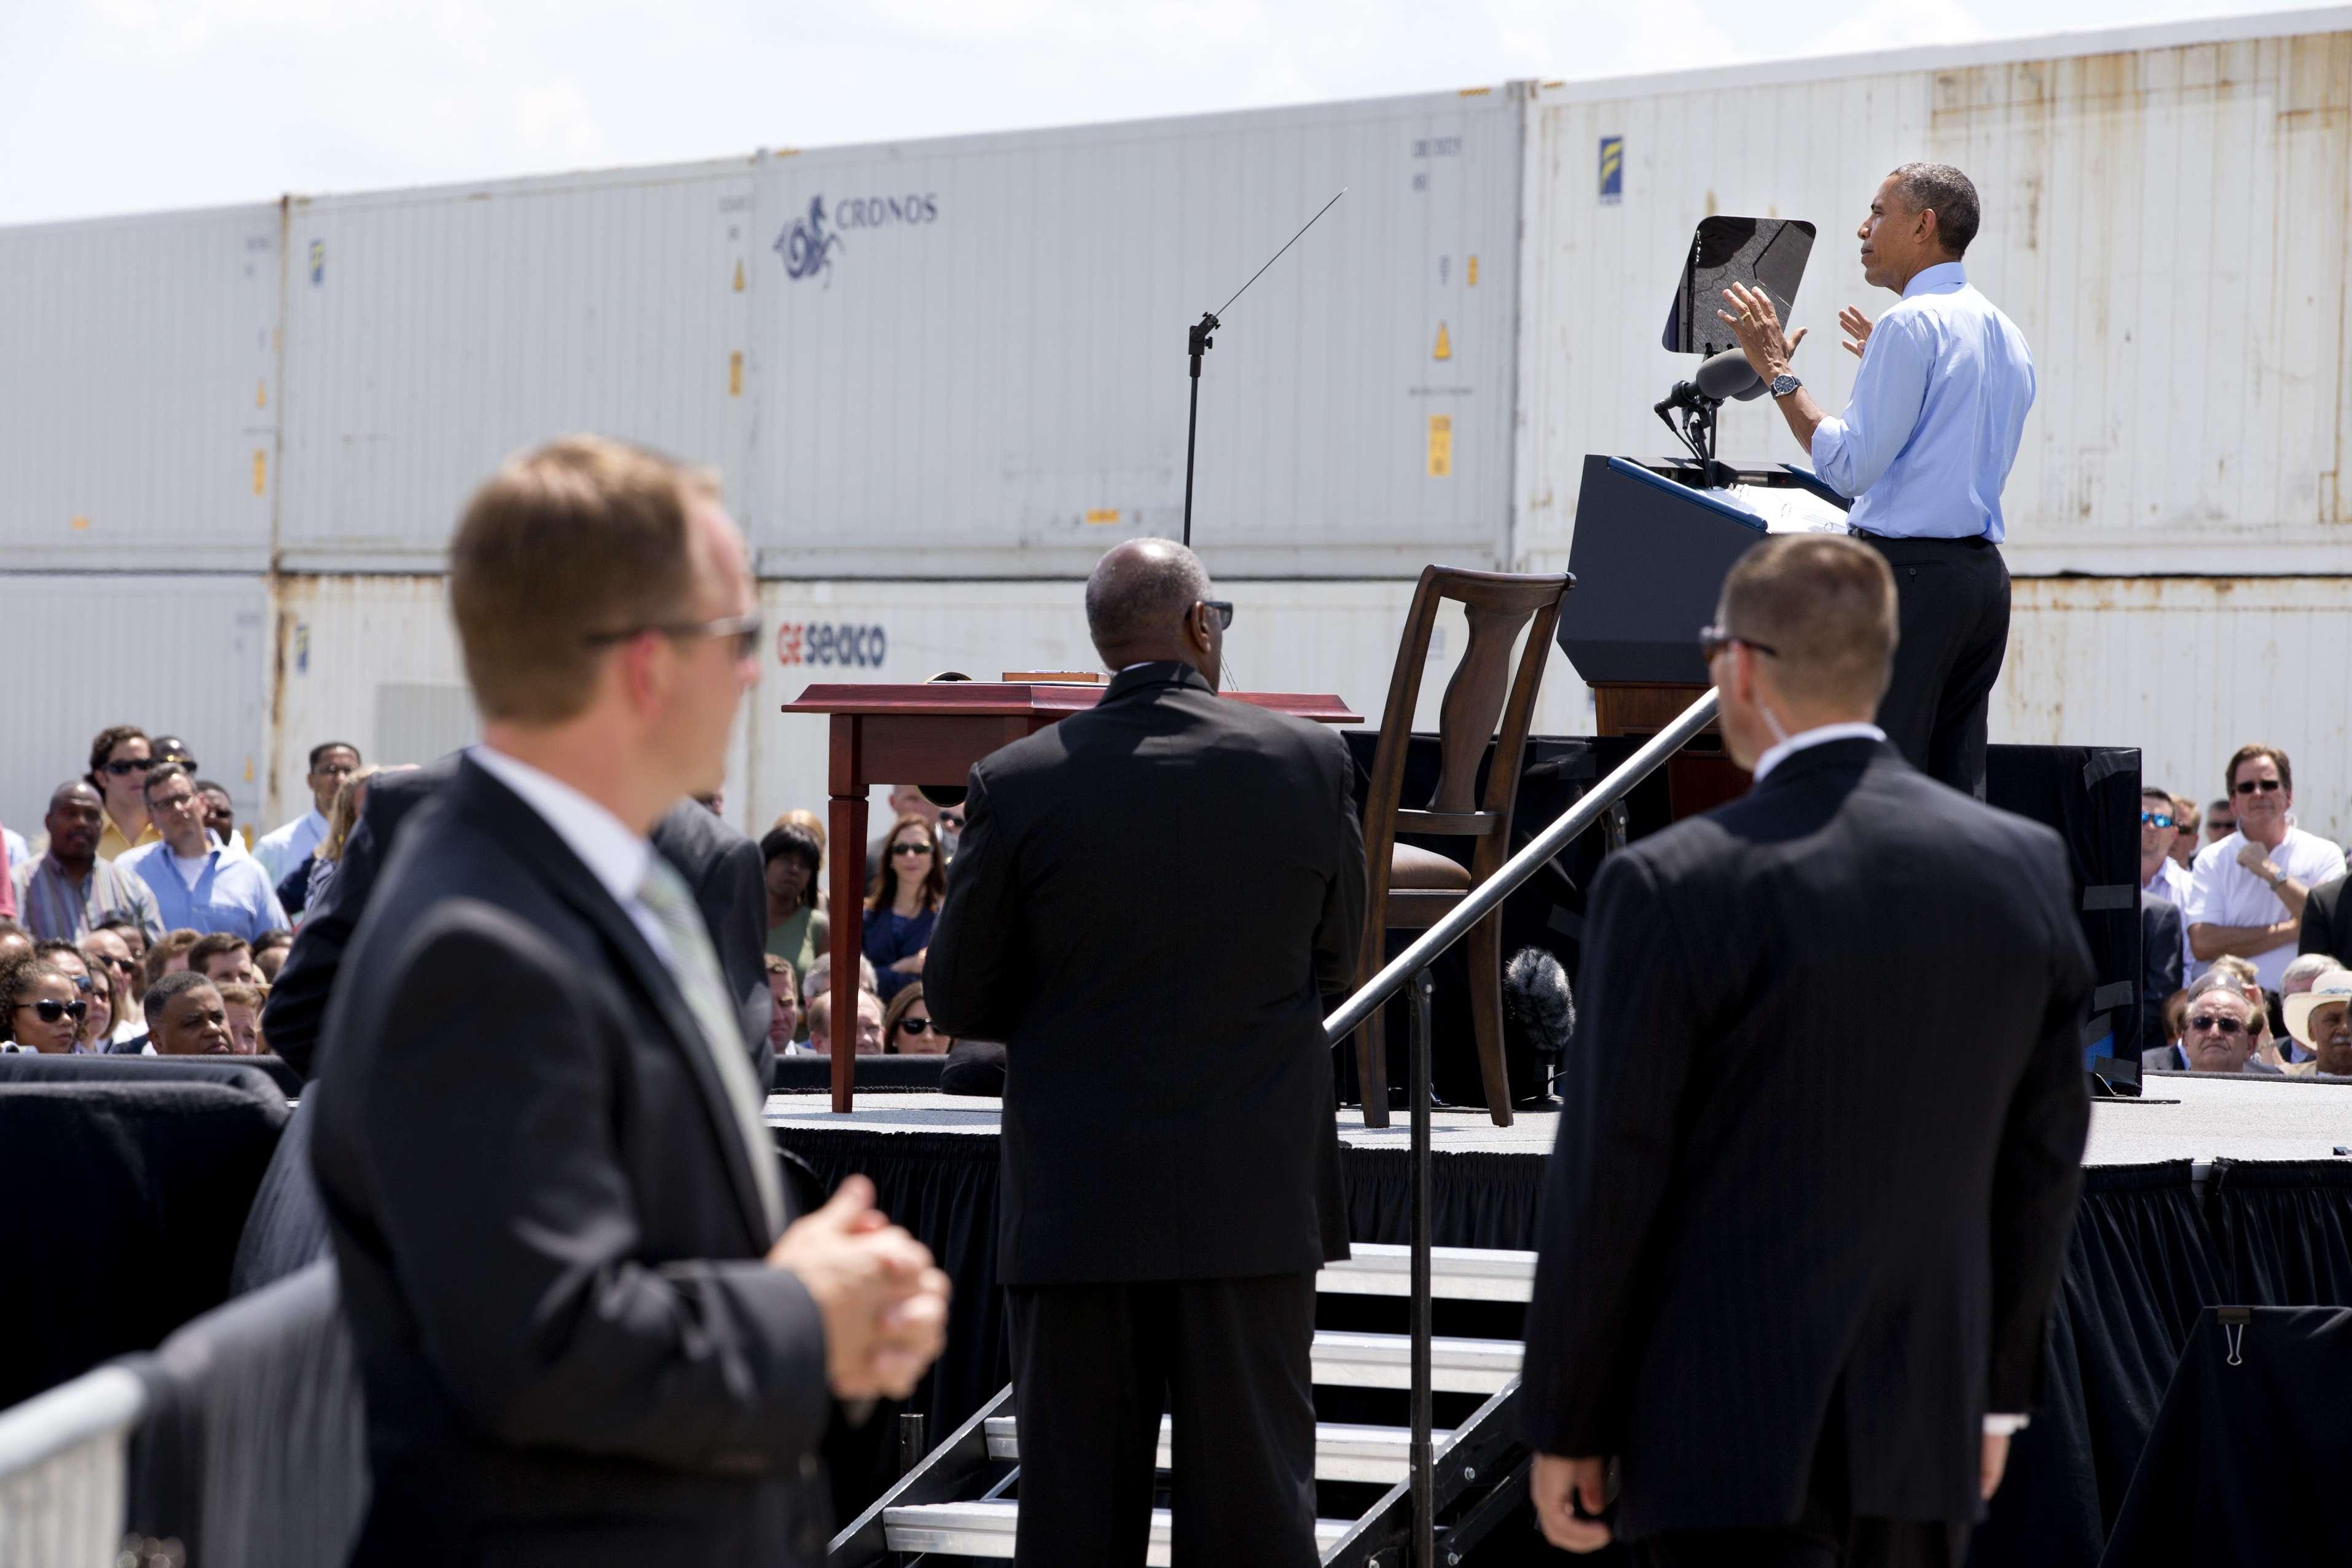 Agentes del Servicio Secreto aguardan en un evento encabezado por el presidente Obama. Foto: AP en español